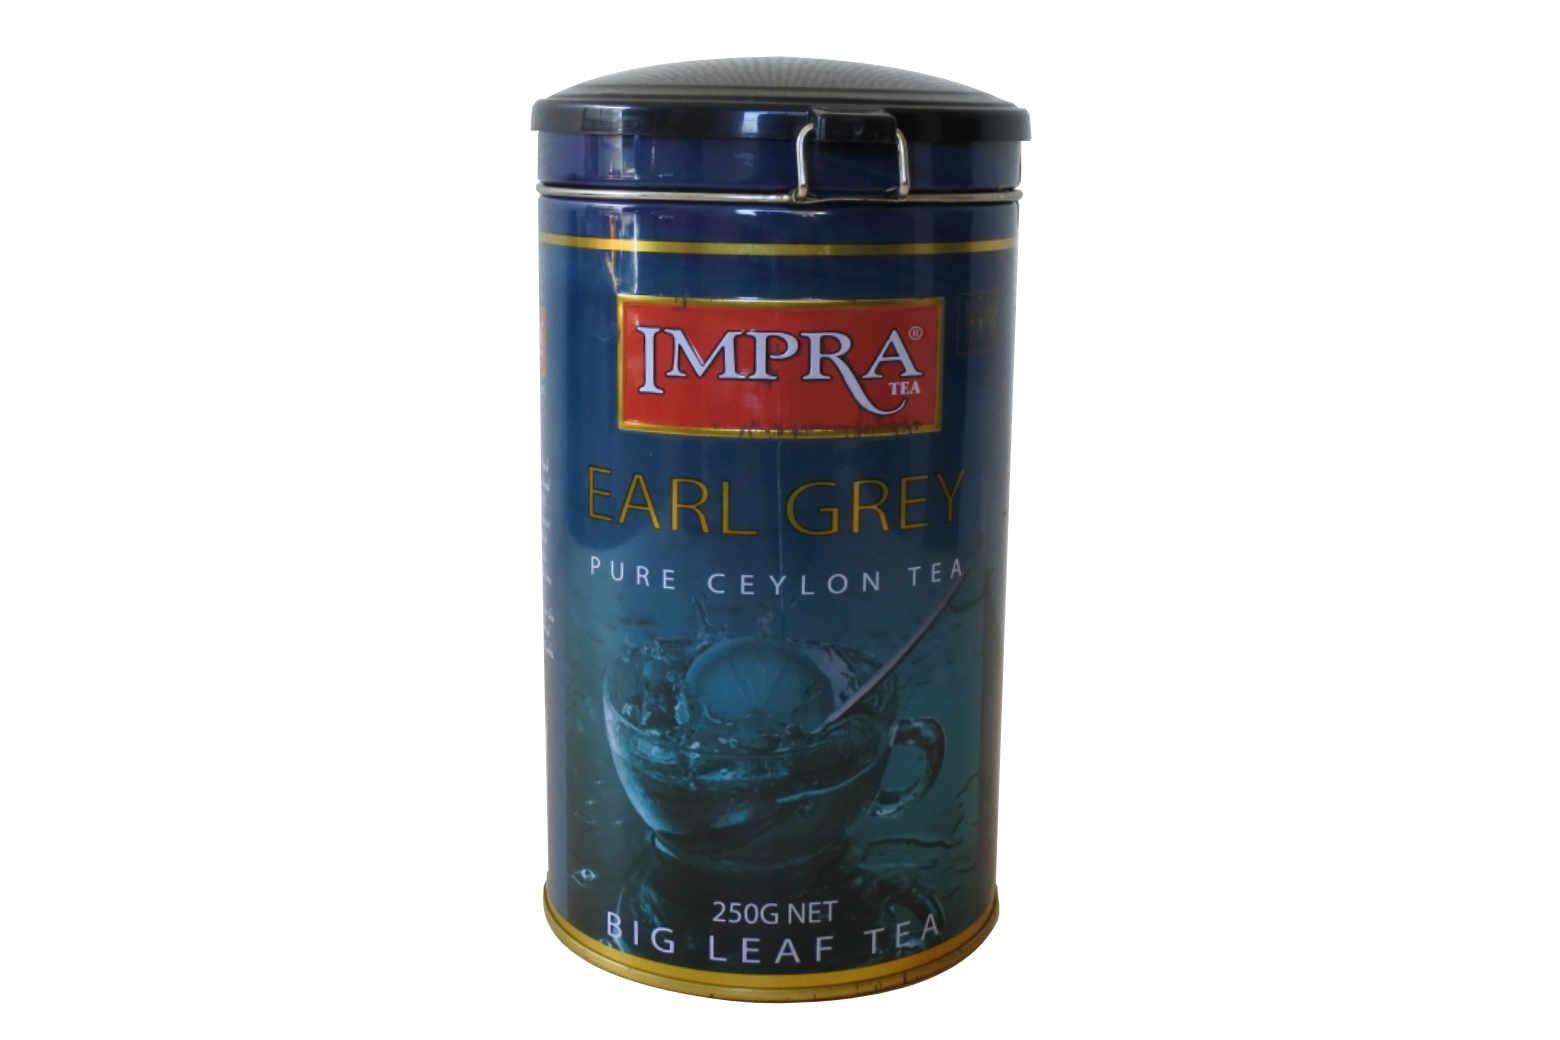 美味しい紅茶 IMPRAのEARL GREYで落ち着く午後のひととき【食レポ】